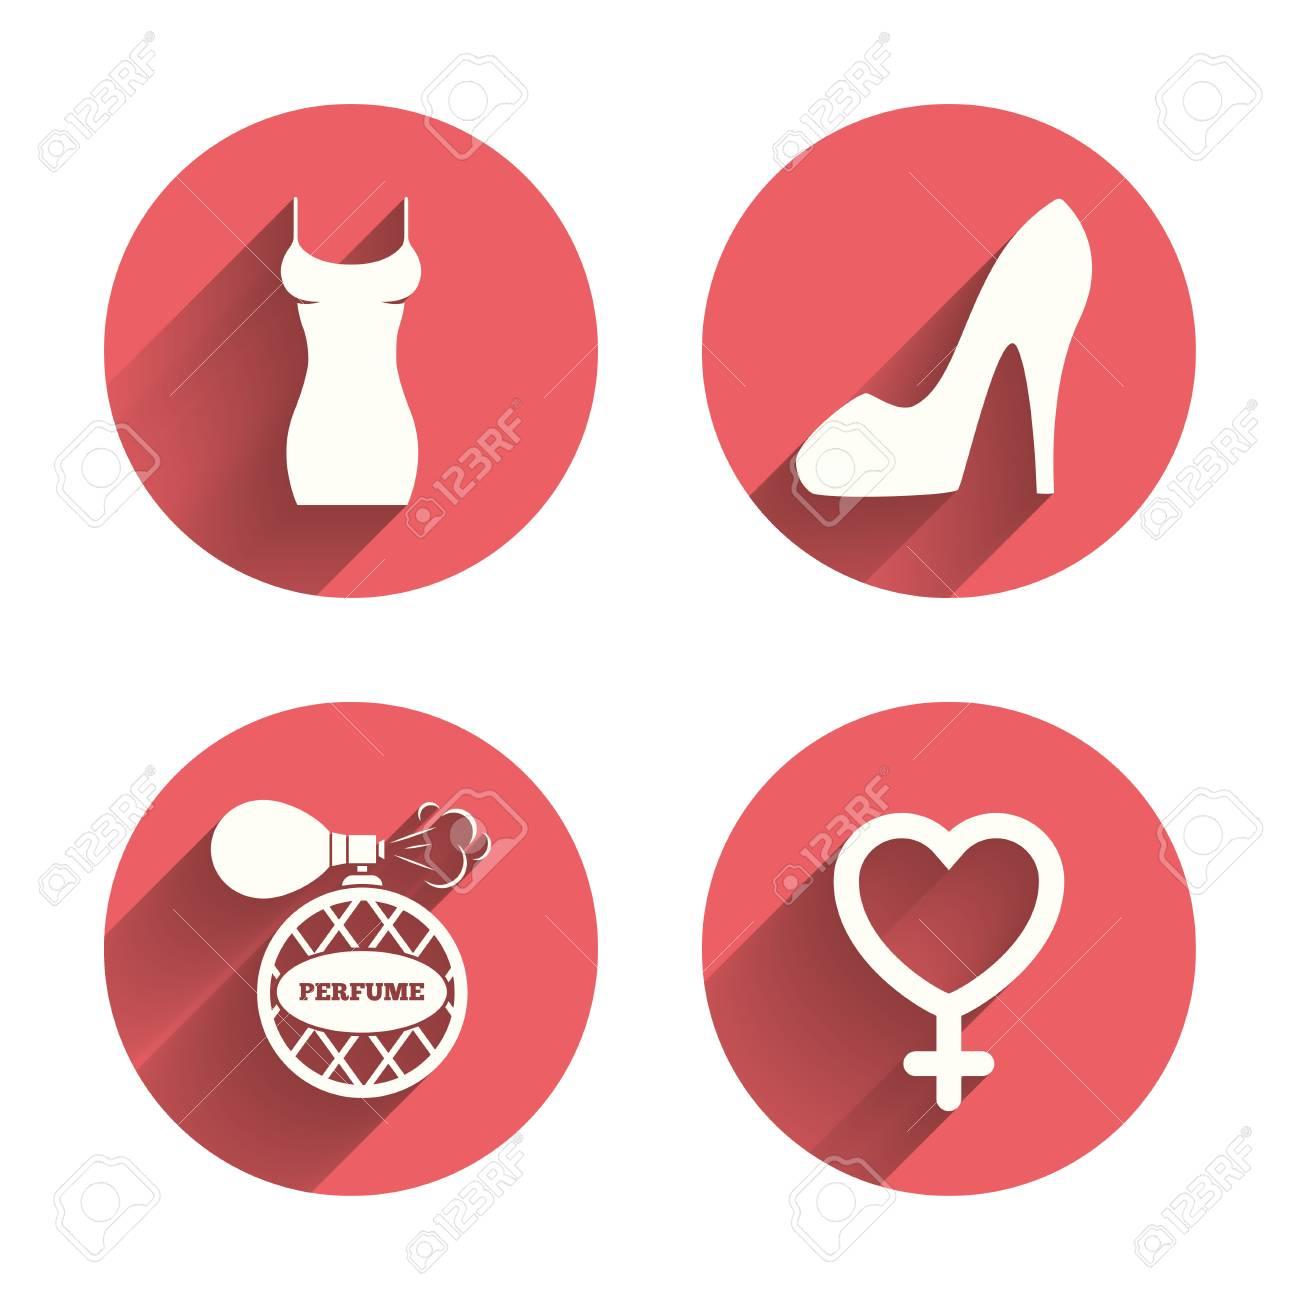 De Icône Femmessigne Chaussure Htqdrs Robe Parfum Sexysymbole Ybmf76Igyv